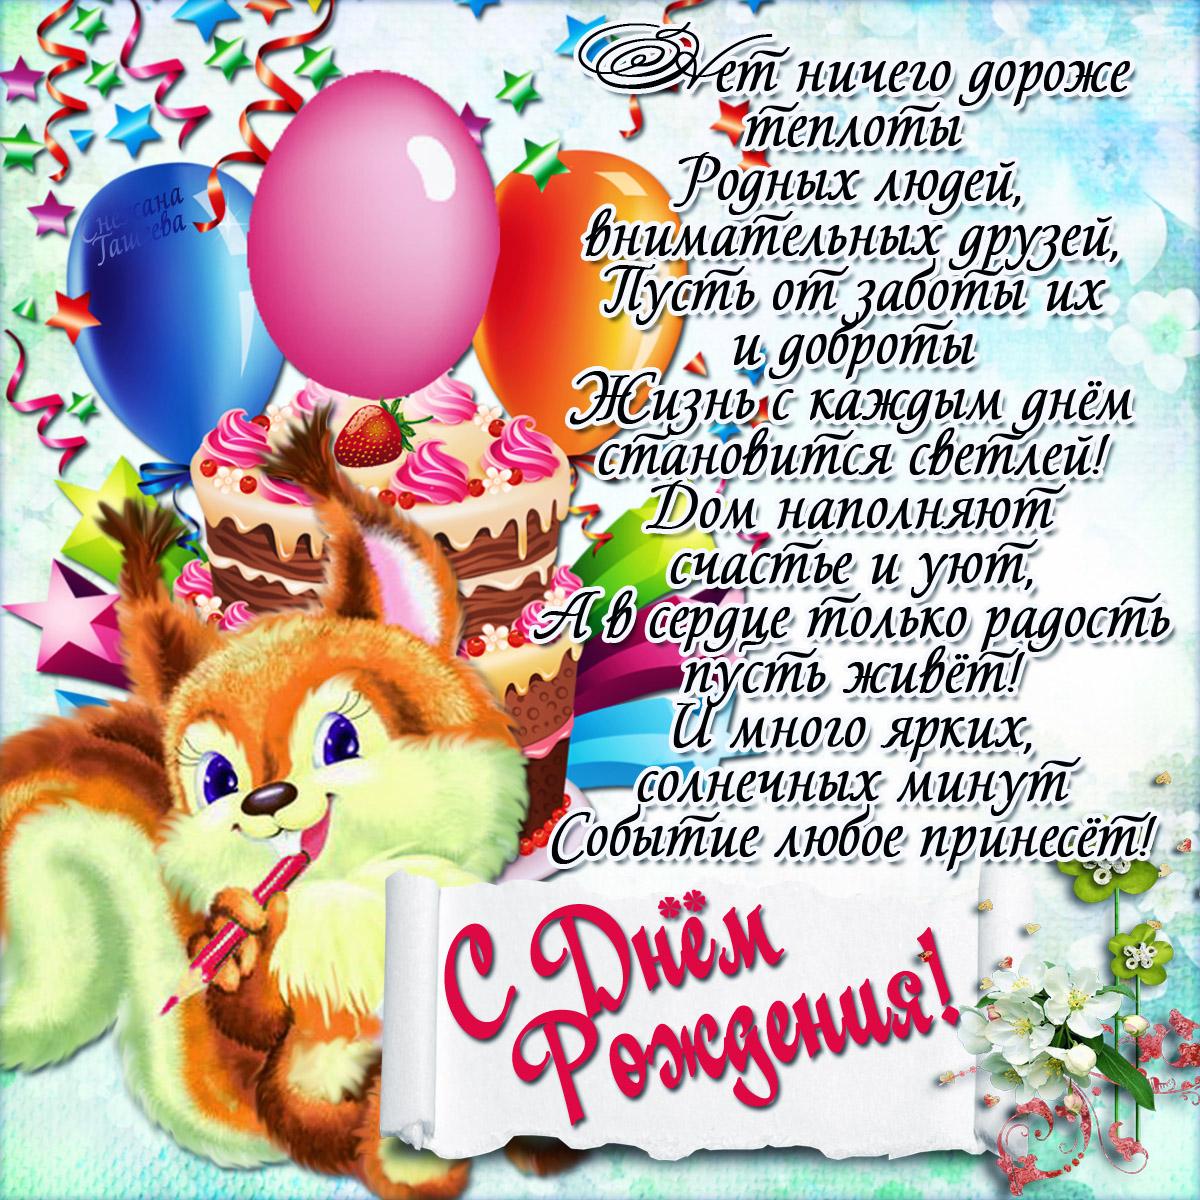 Поздравление с днем рождения детям в стихах картинки